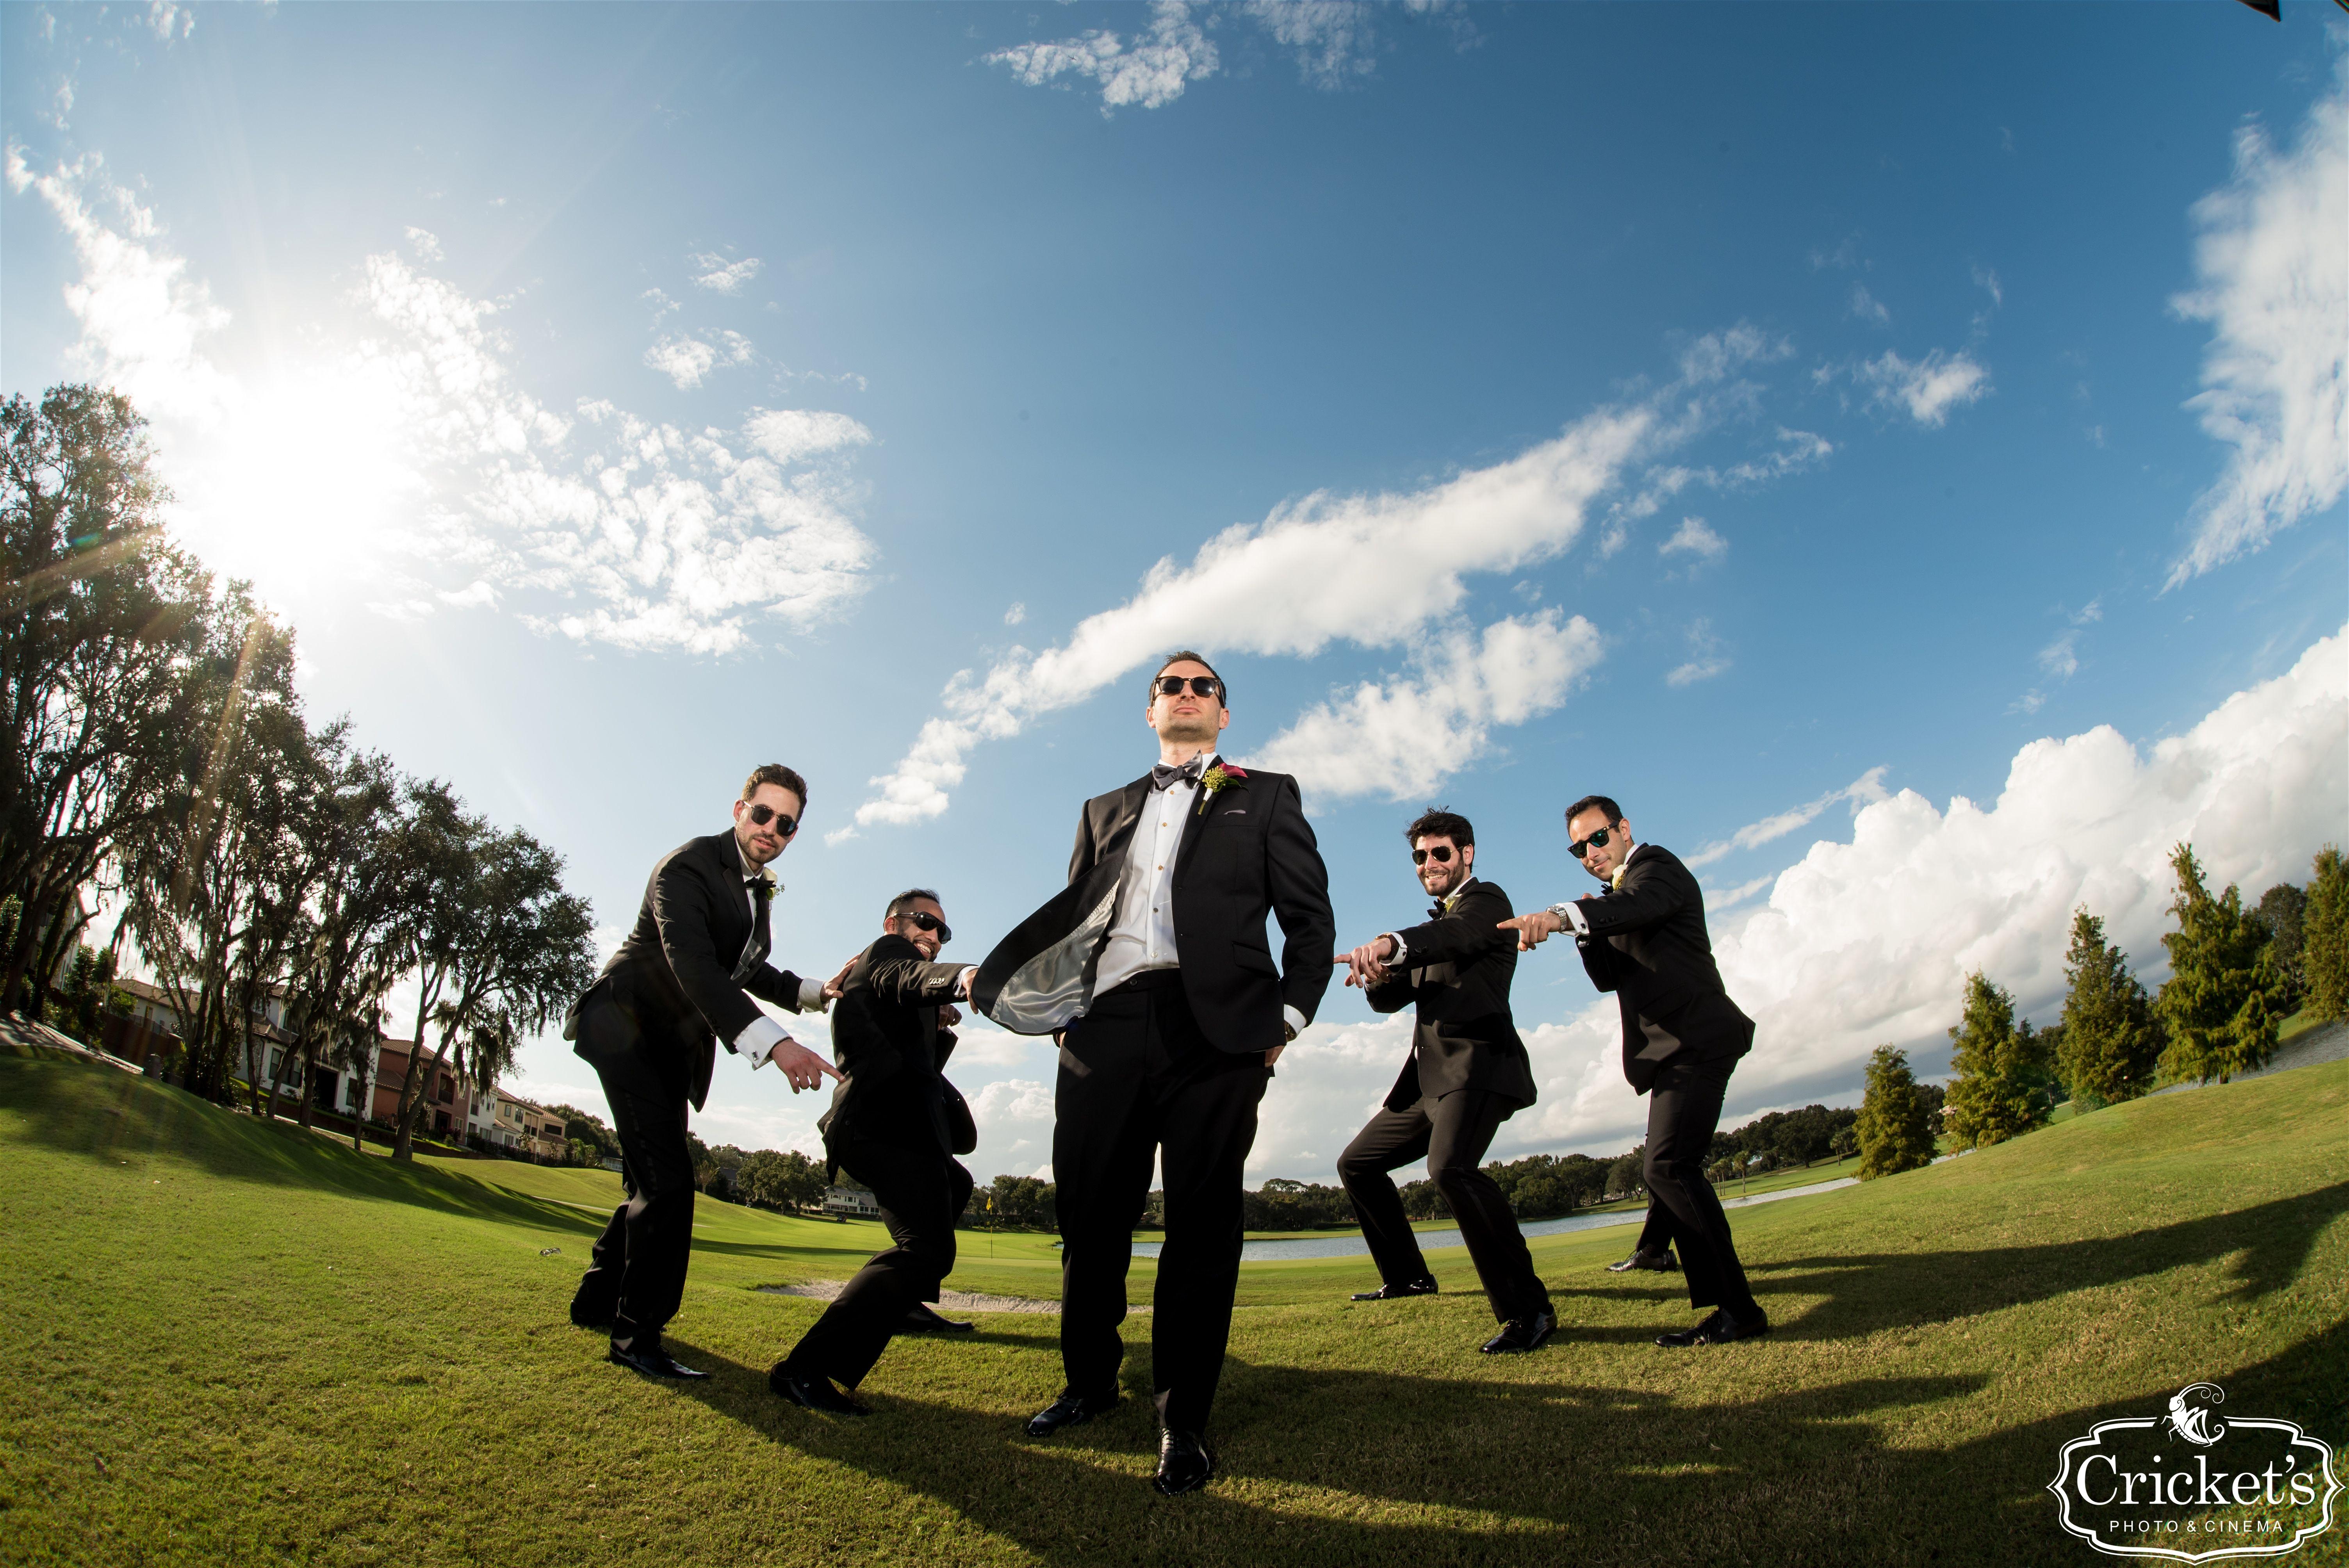 Heathrow Country Club Wedding On Golf Course Country Club Events Indian Wedding Venue Country Club Wedding